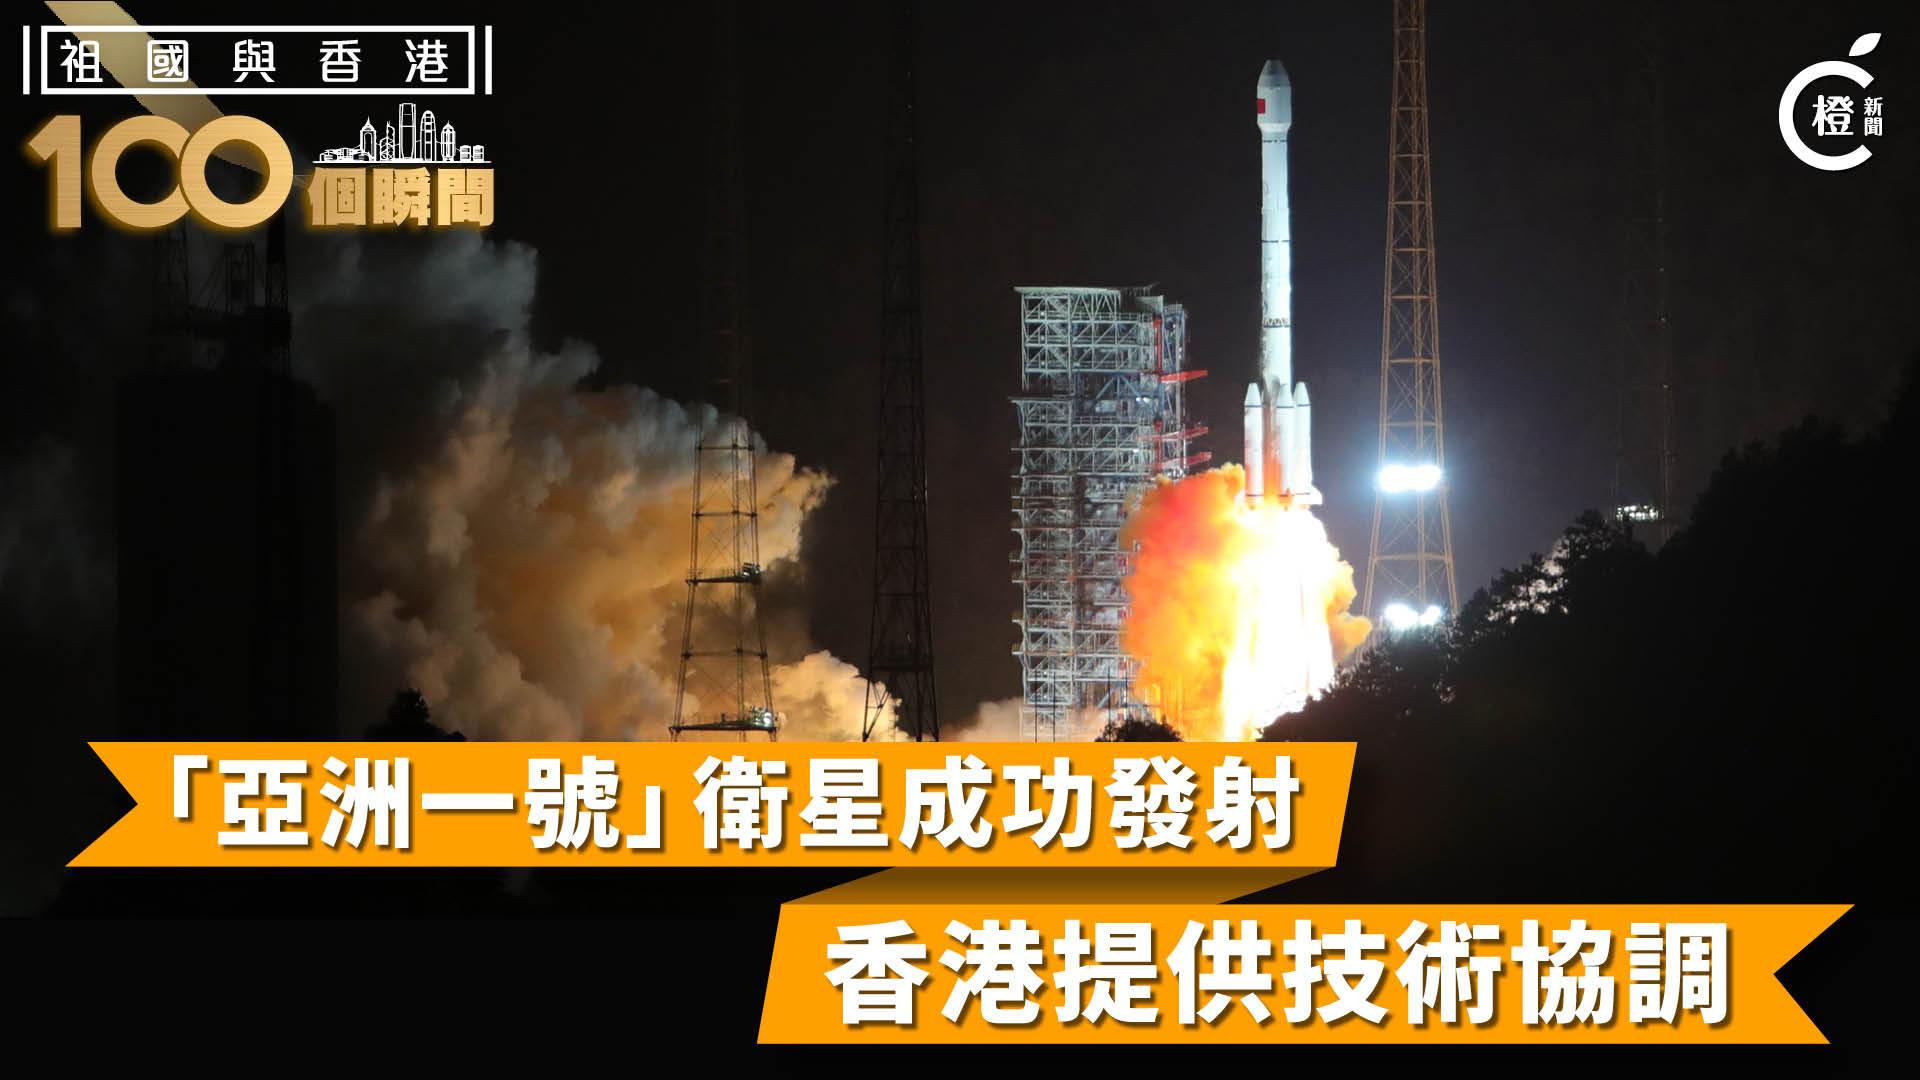 【祖國與香港100個瞬間】「亞洲一號」衛星成功發射 香港提供技術協調